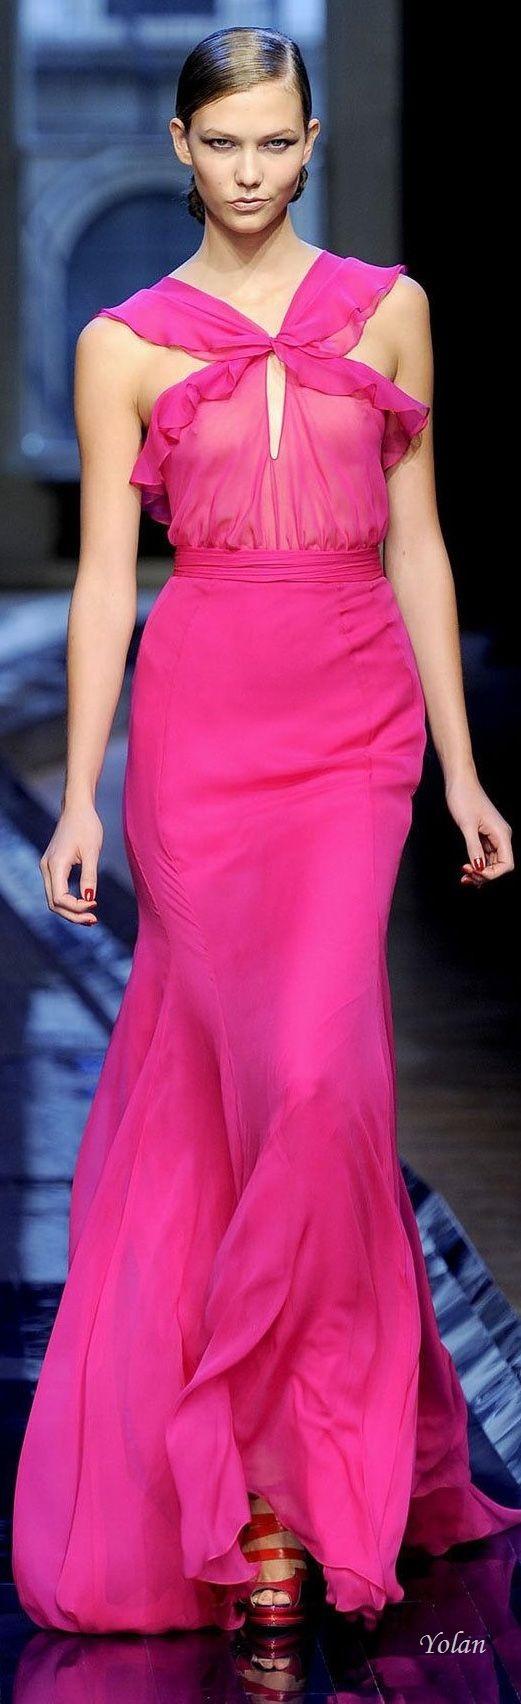 Elegancia y Glamour   Moda en fucsia, fresa   Pinterest   Glamour ...